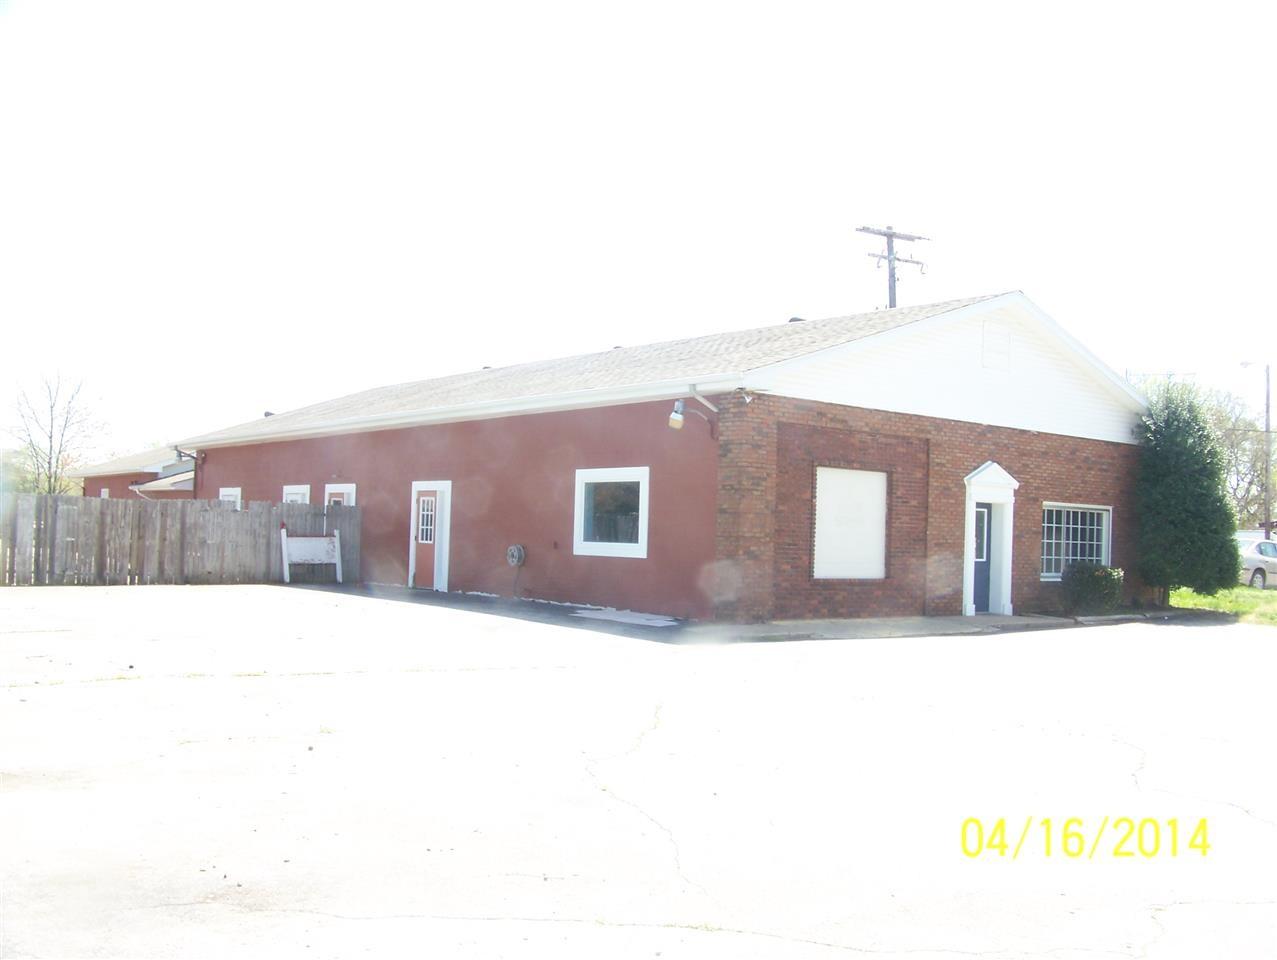 500 N Main St, Hopkinsville, KY 42240